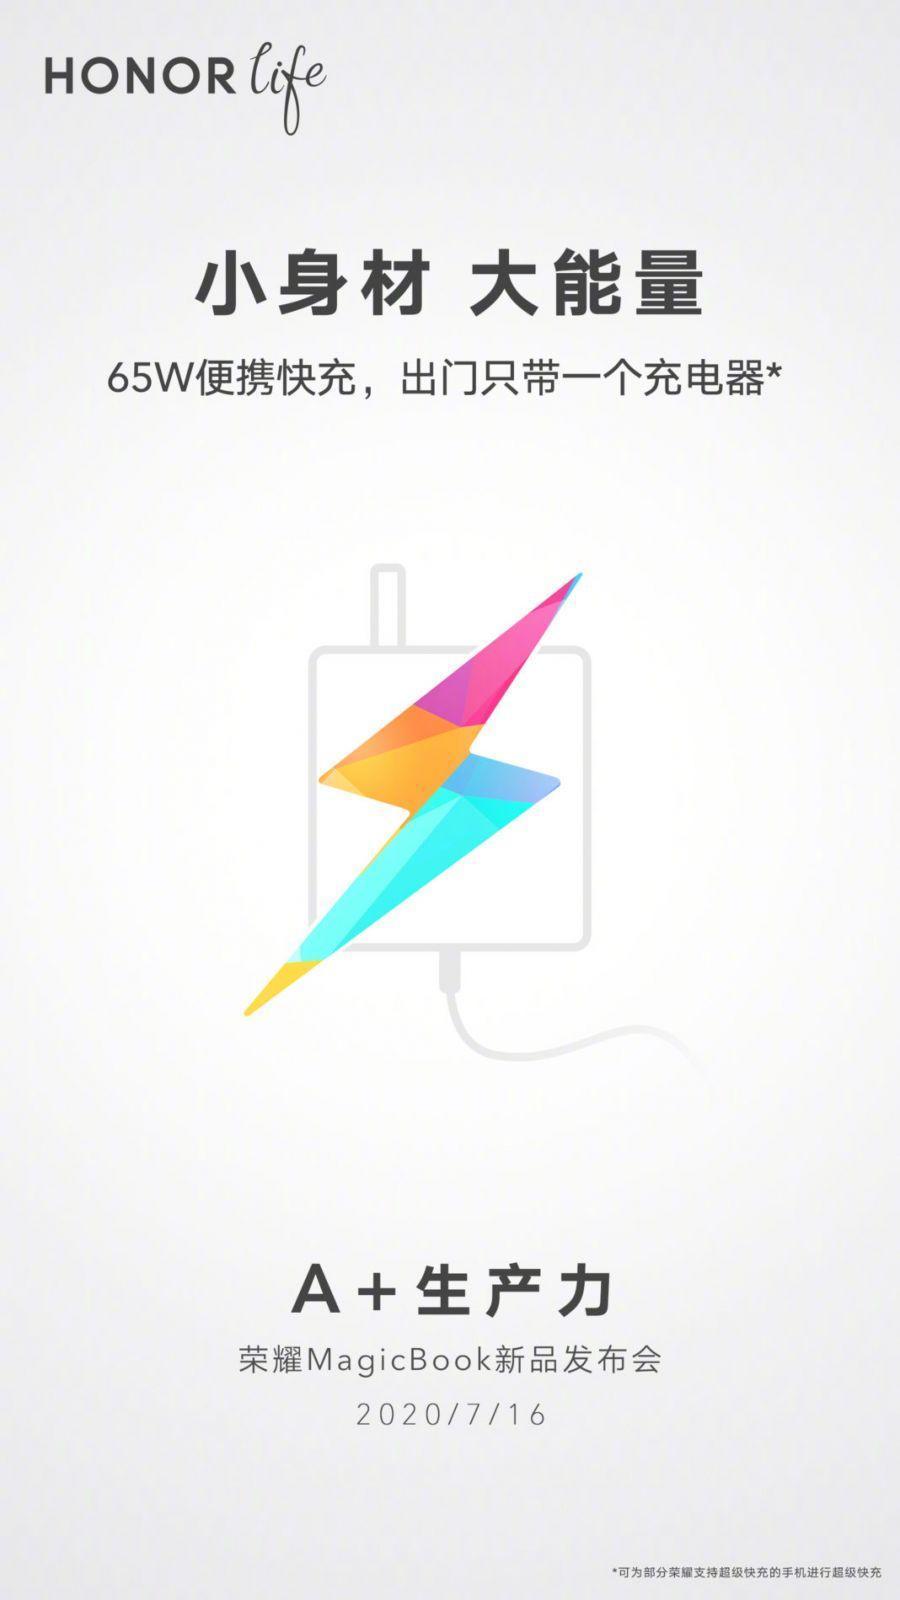 Новый Honor MagicBook будет поддерживать 65-ваттную быструю зарядку (honor magicbook series 2020 ryzen edition 65w fast charging 1068x1899 1)